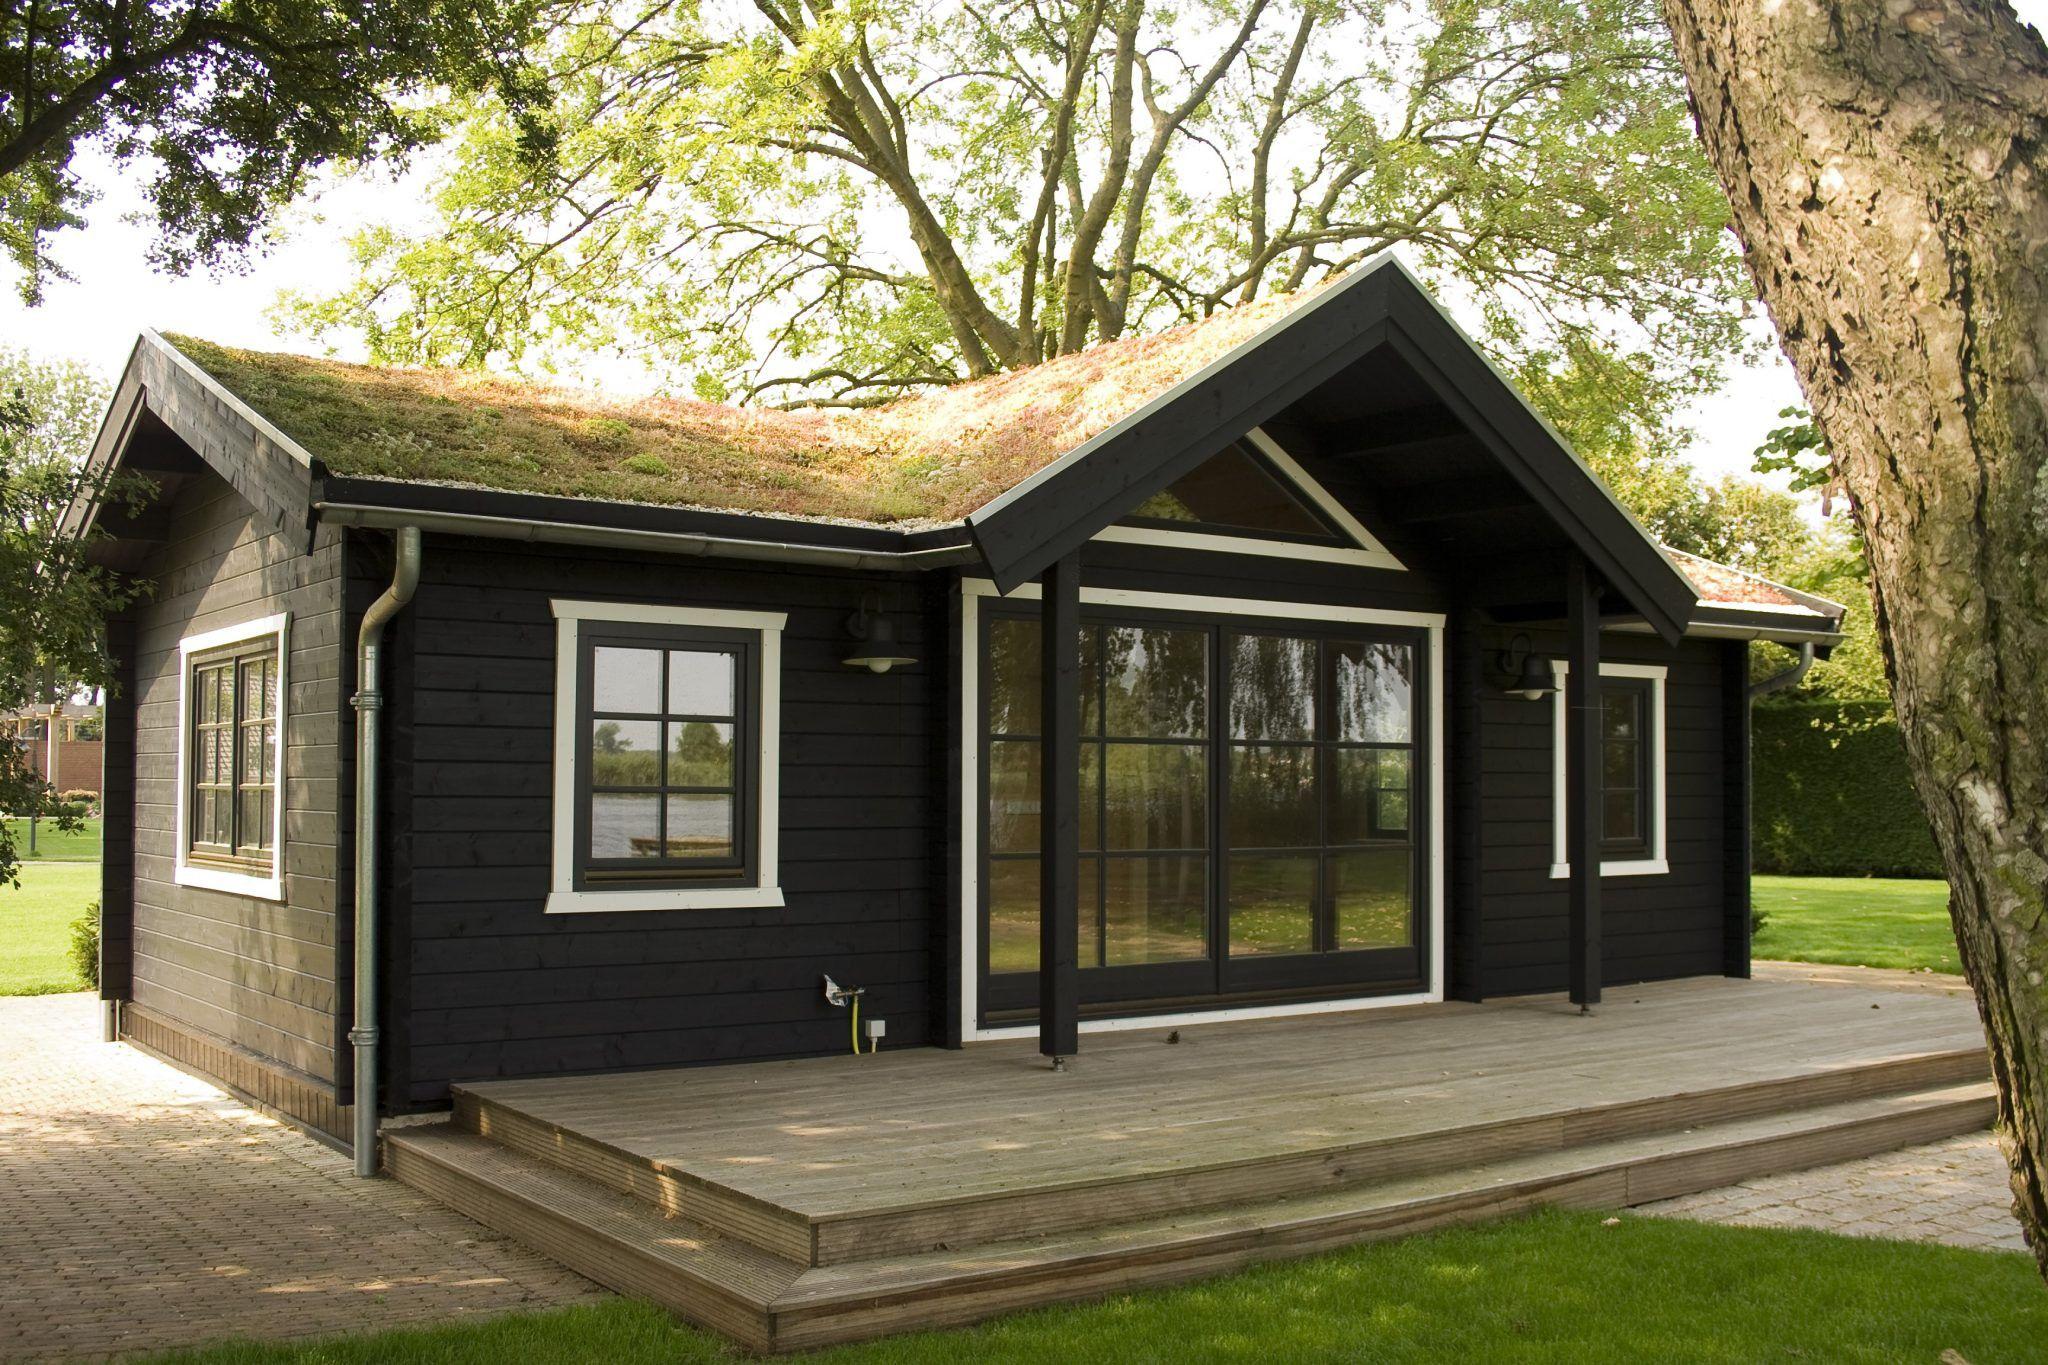 Chalet En Bois Pas Cher Destockage Design De Maison Achat ... destiné Abri De Jardin Habitable